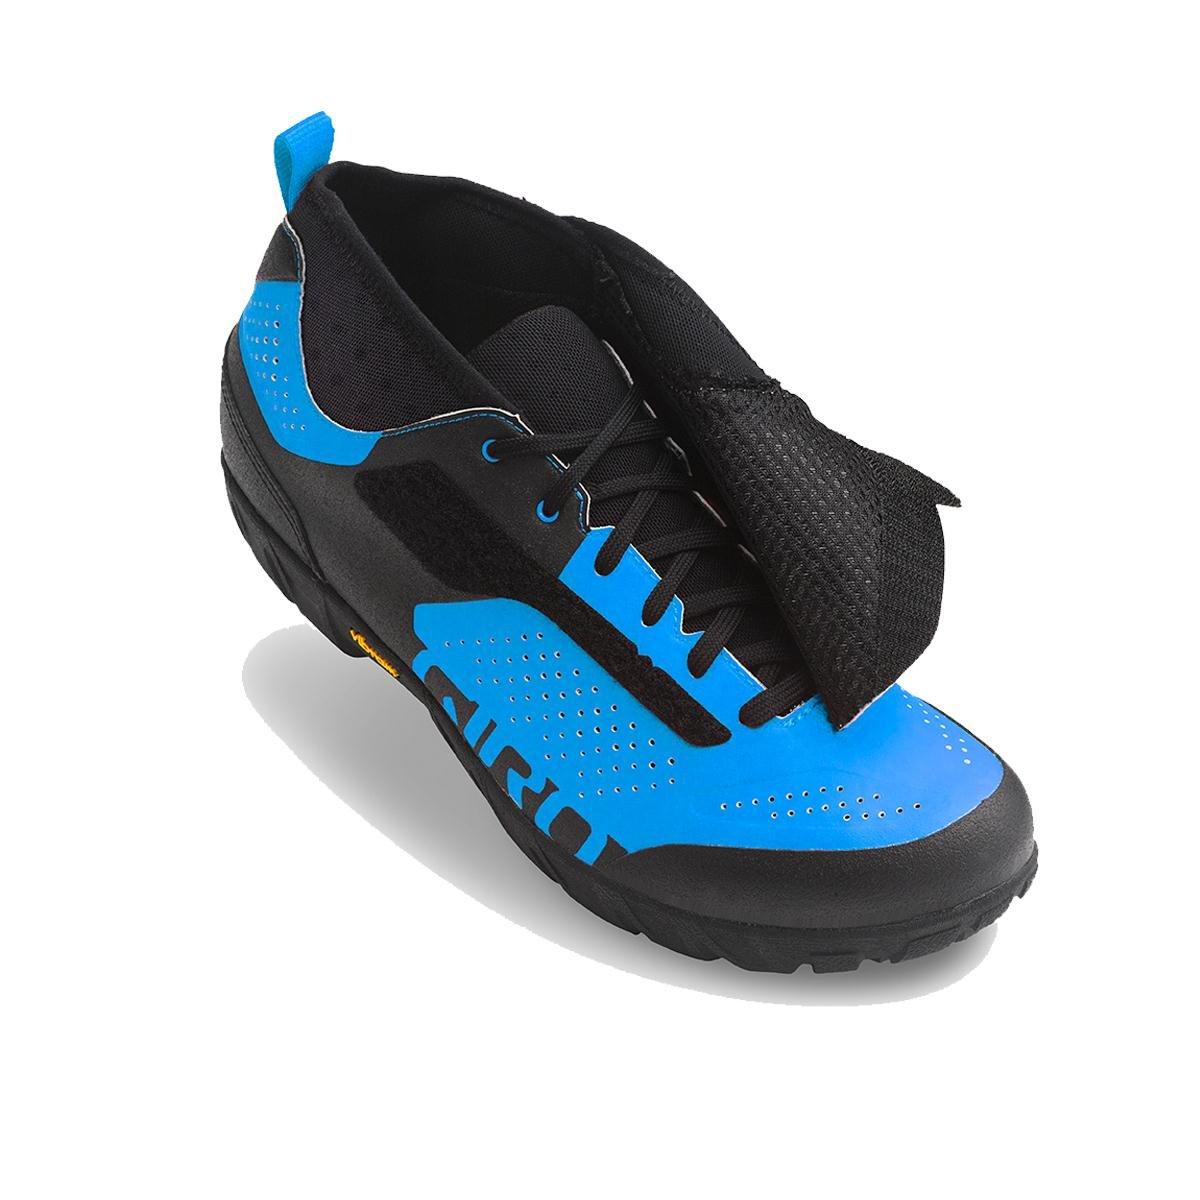 Giro Terraduro Mid MTB Shoes B01LZFU2S4 49|Blue Jewel/Black